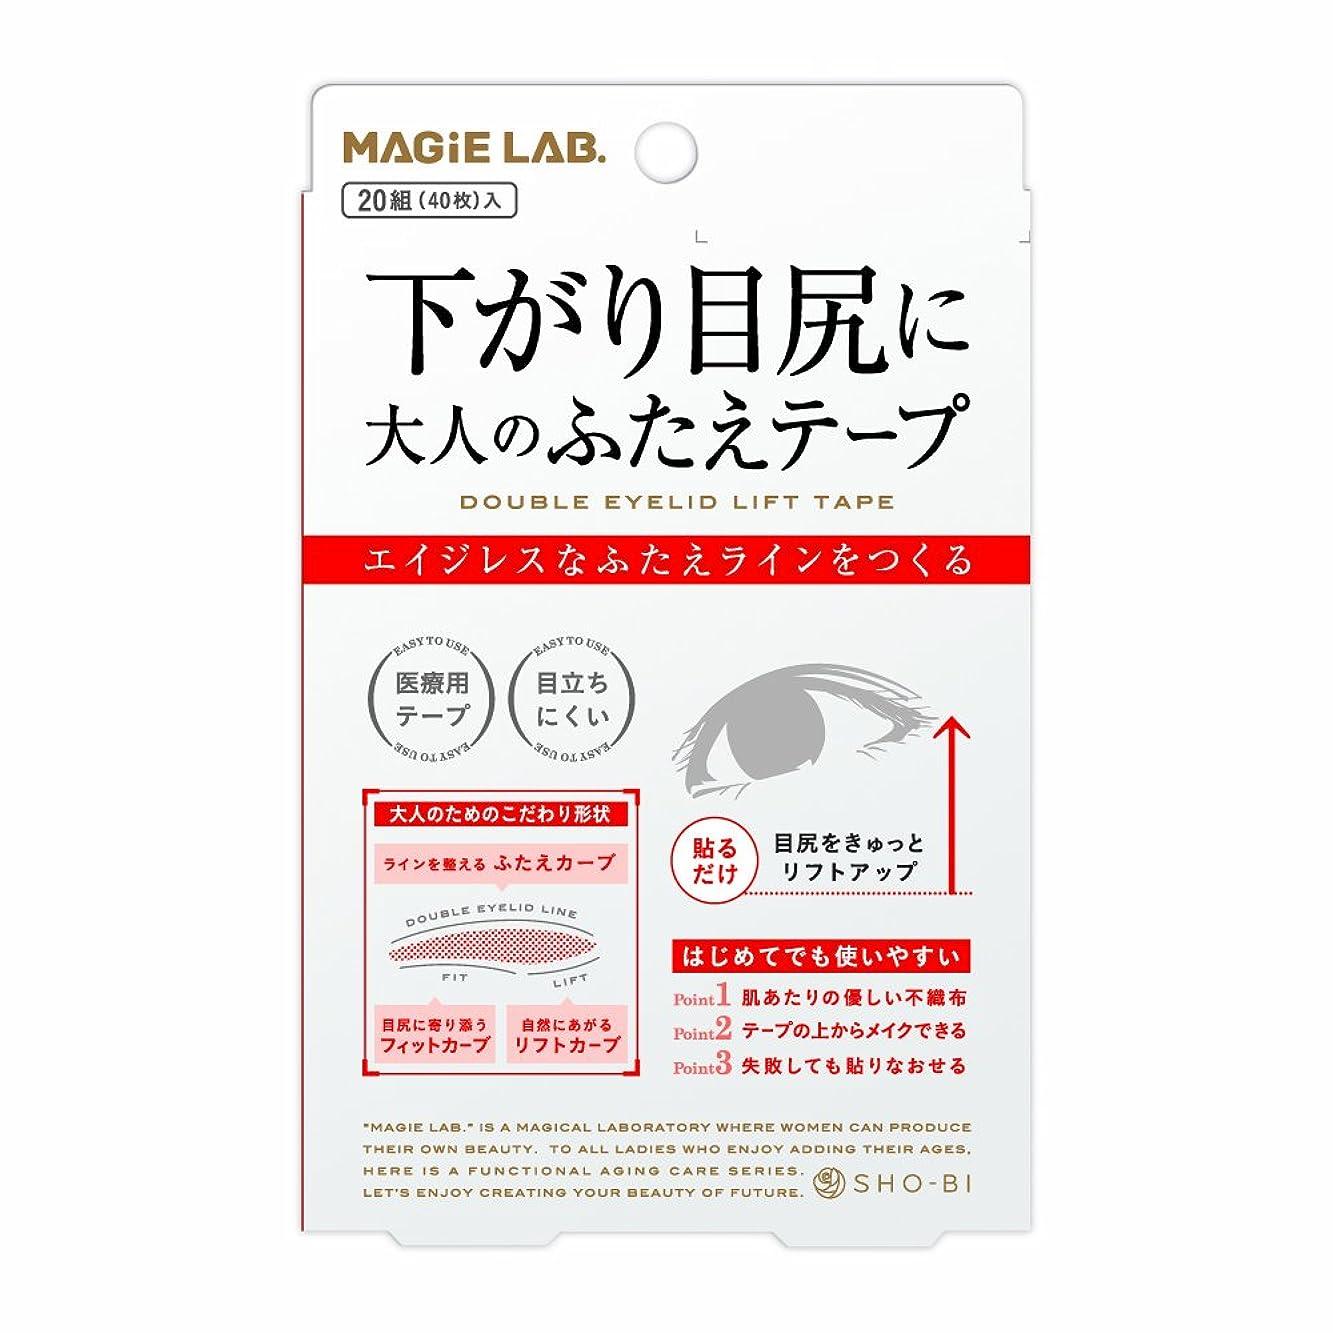 飢饉計り知れない抑制するMG22105 下がり目尻に 大人のふたえープ 20組40枚入 整形テープ マジラボ MAGiE LAB.